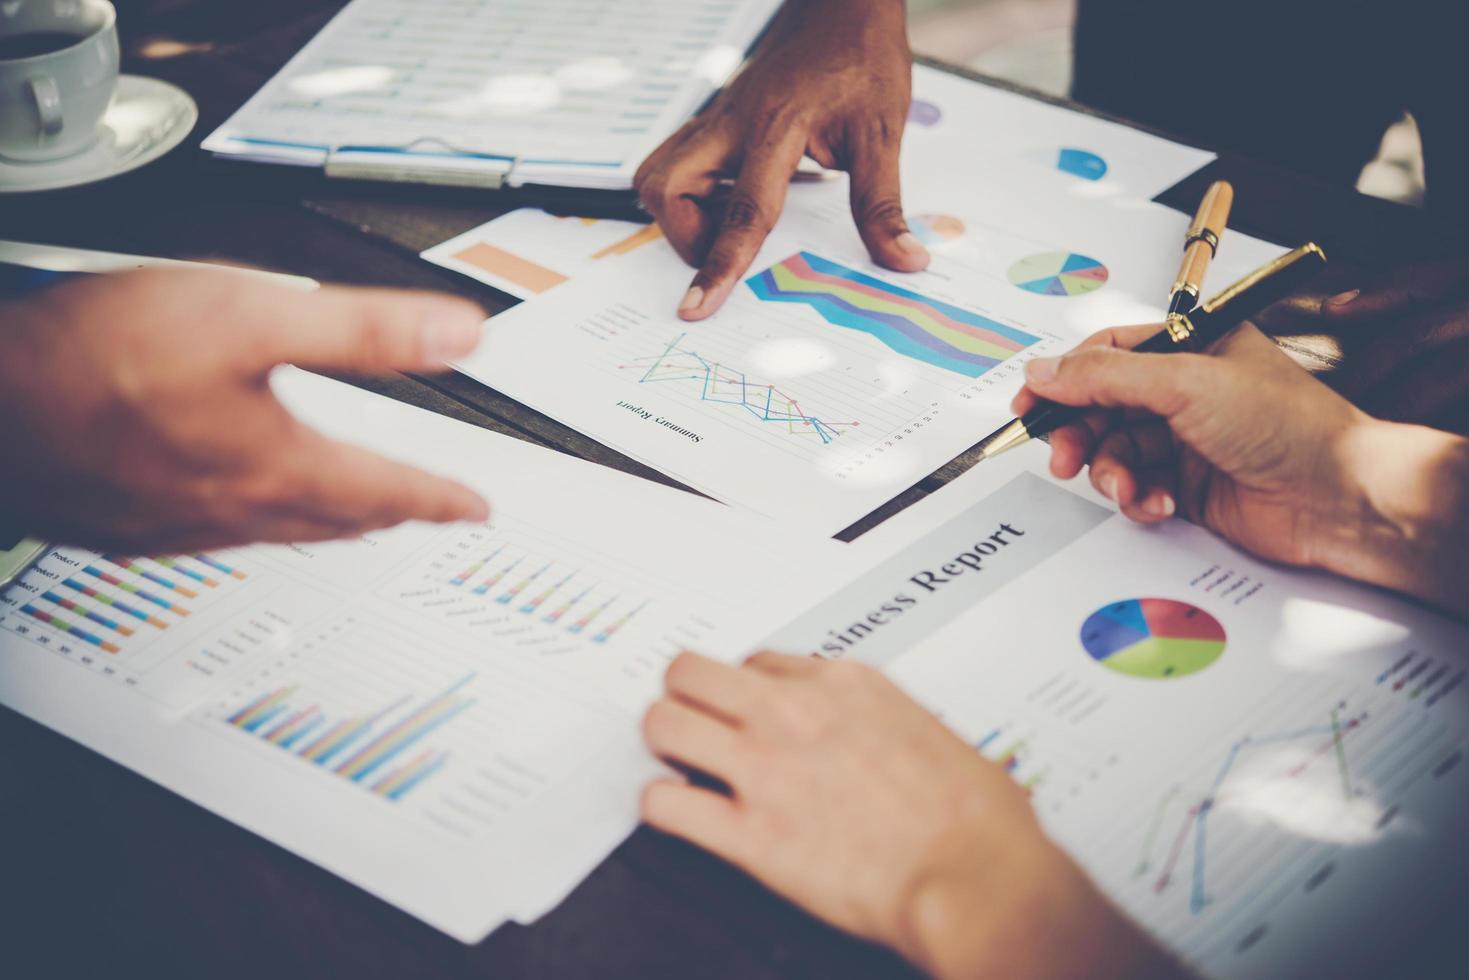 grupo de empresarios analizar gráficos en reunión foto